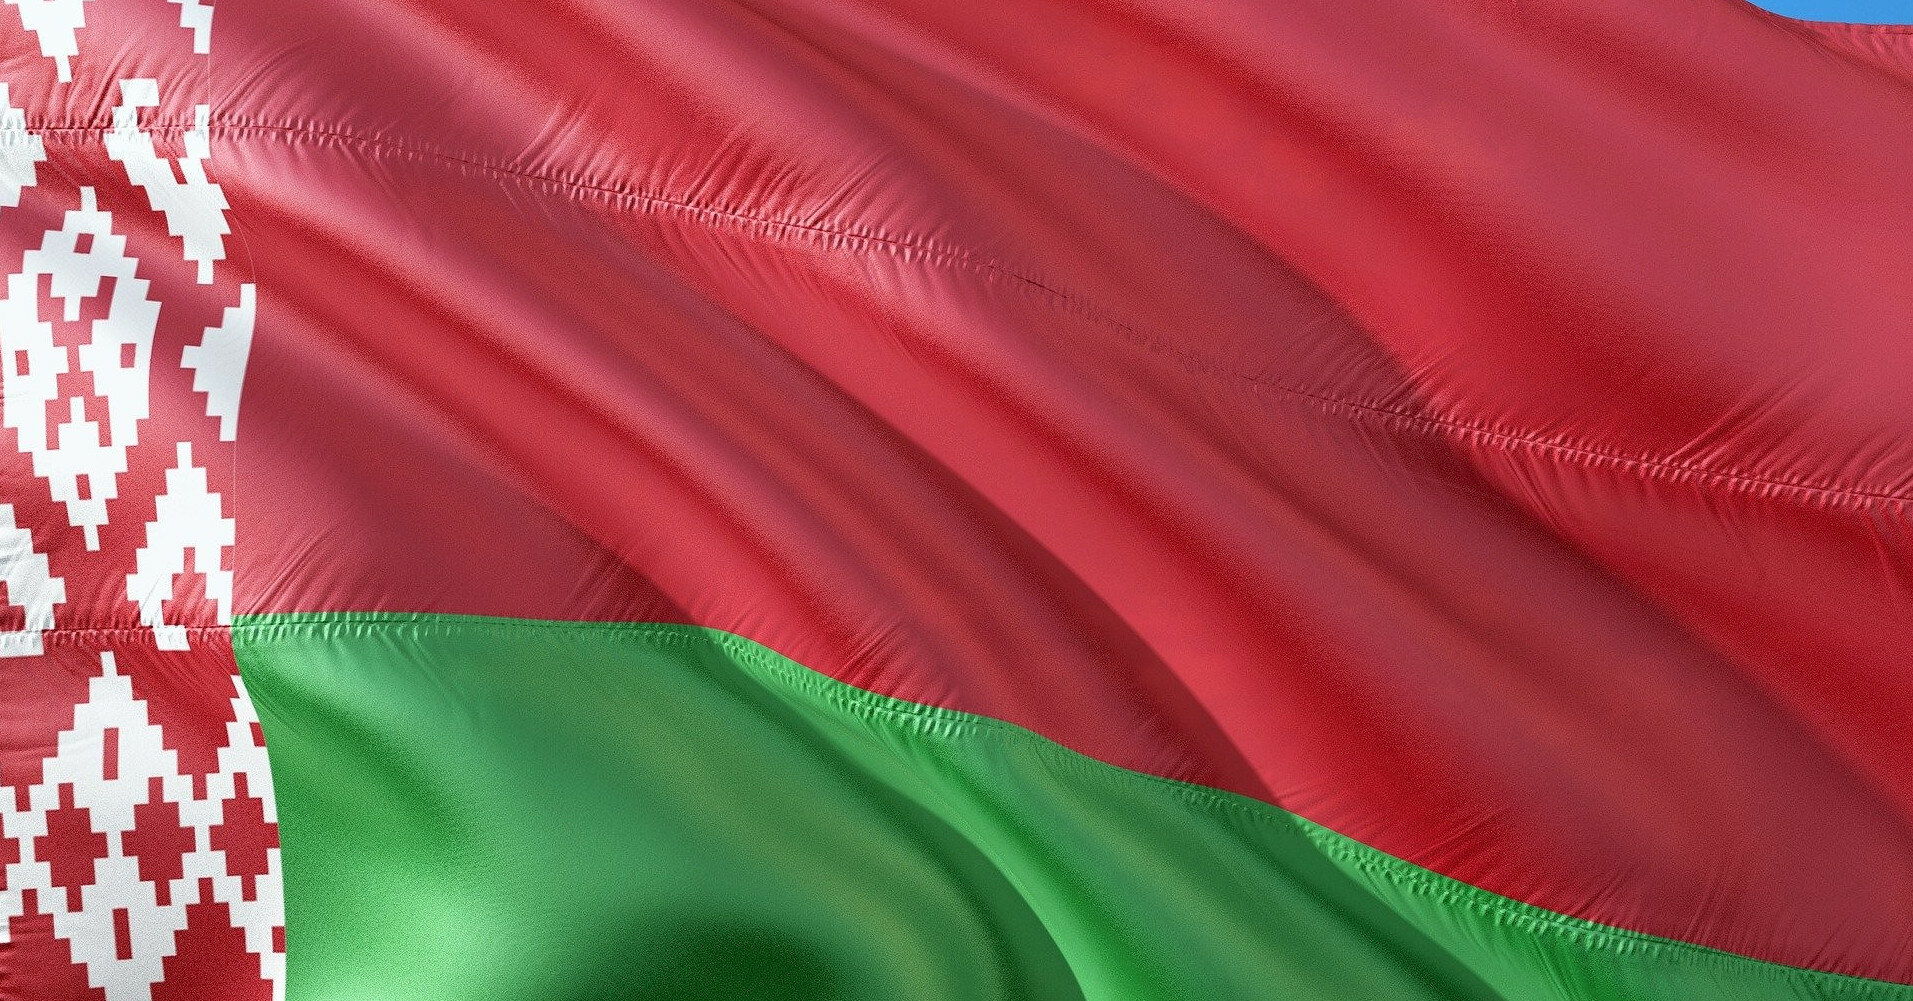 У Білорусі політв'язень спробував накласти на себе руки в залі суду